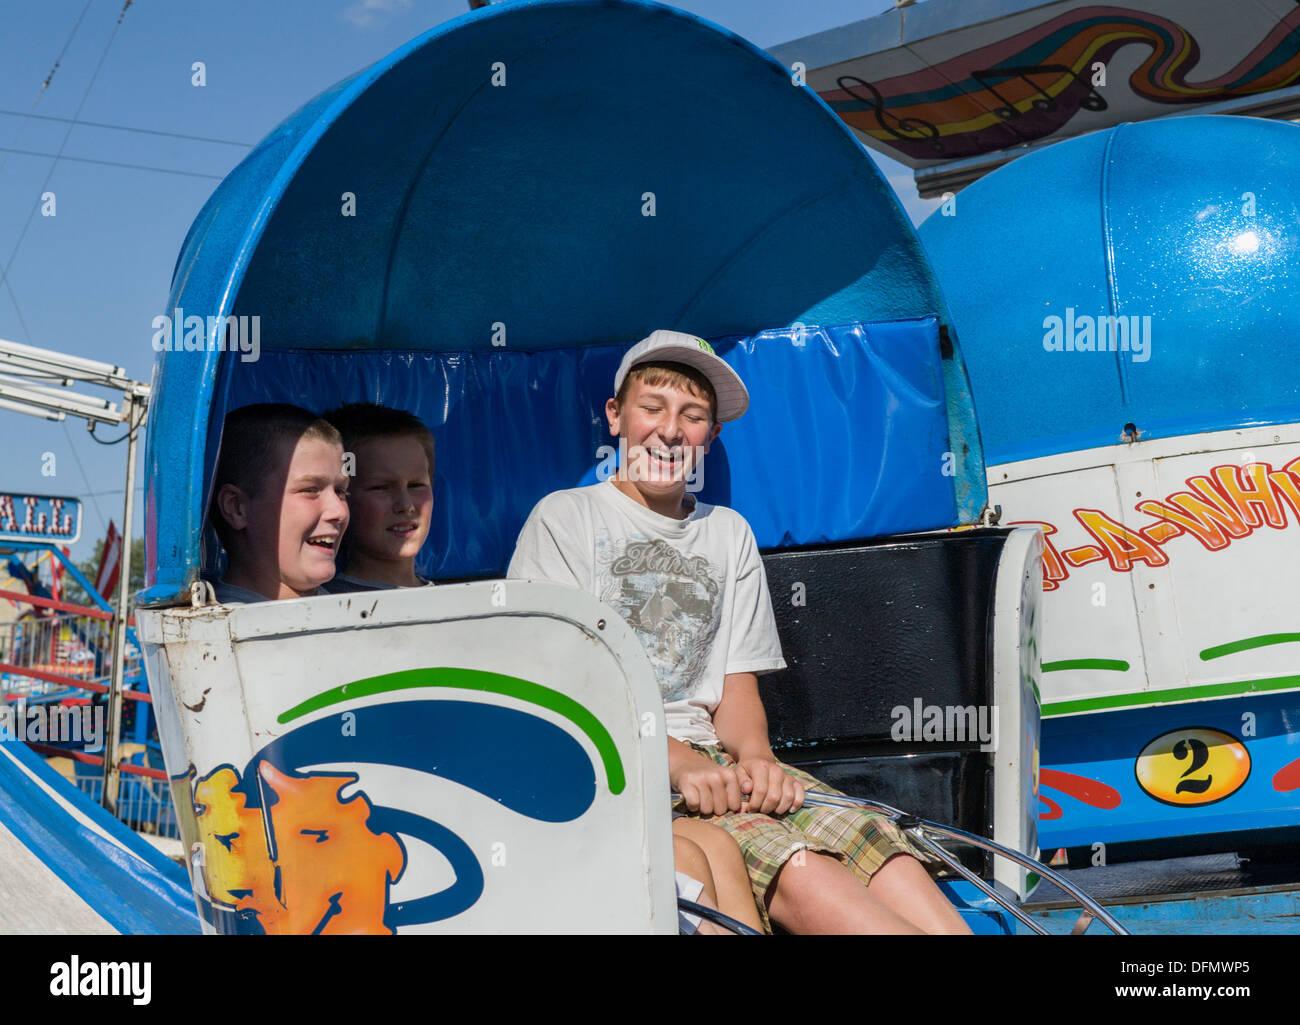 Ragazzi su Tilt-a-whirl ride, Grande New York State Fair. Immagini Stock